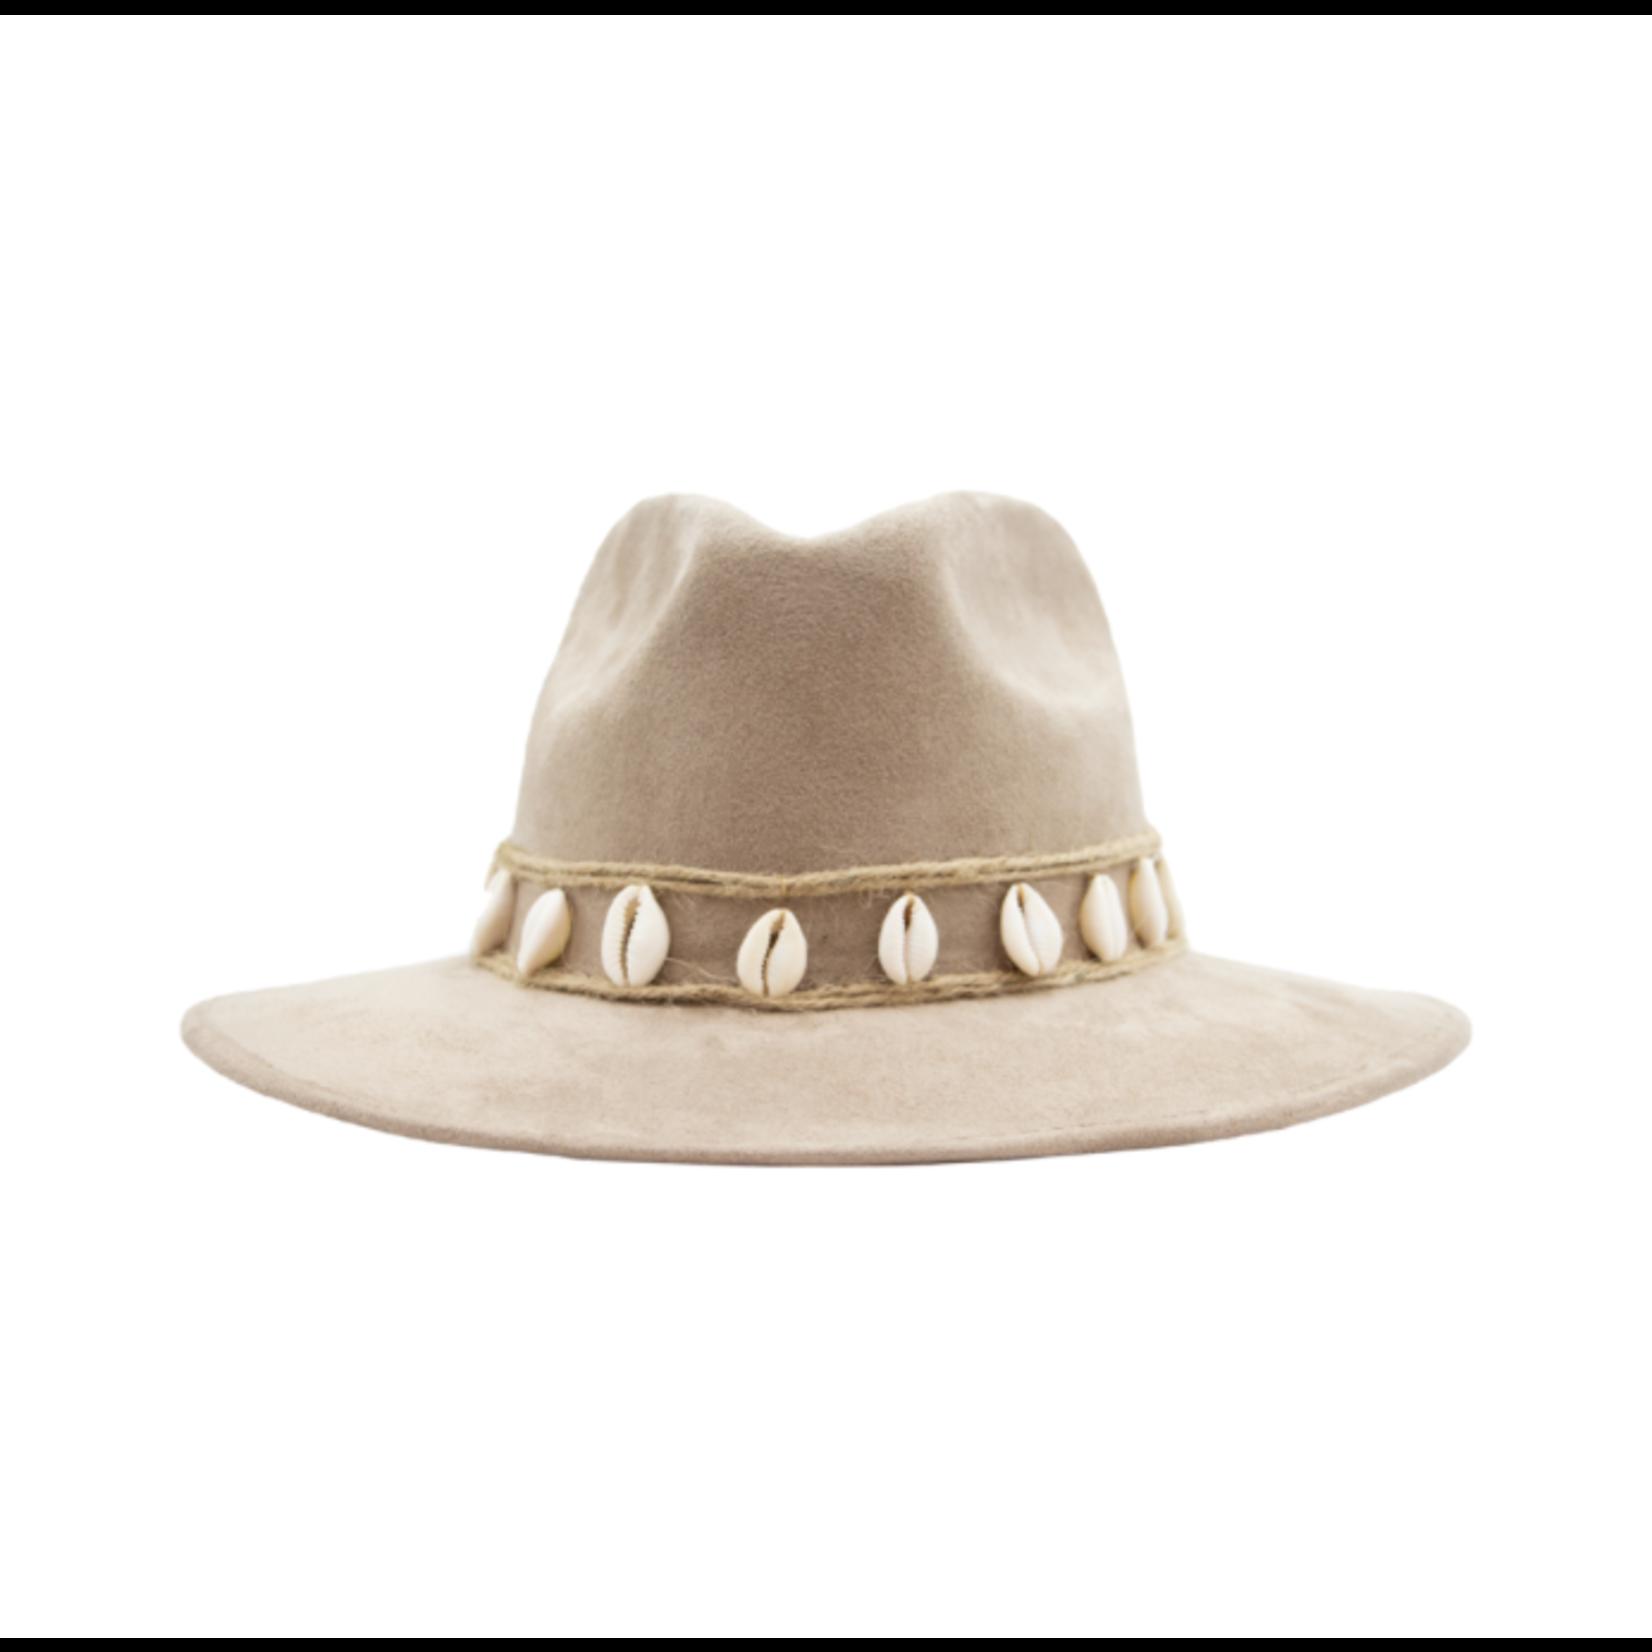 Tuluminati Edicion Limitada Hat Sand Shells M